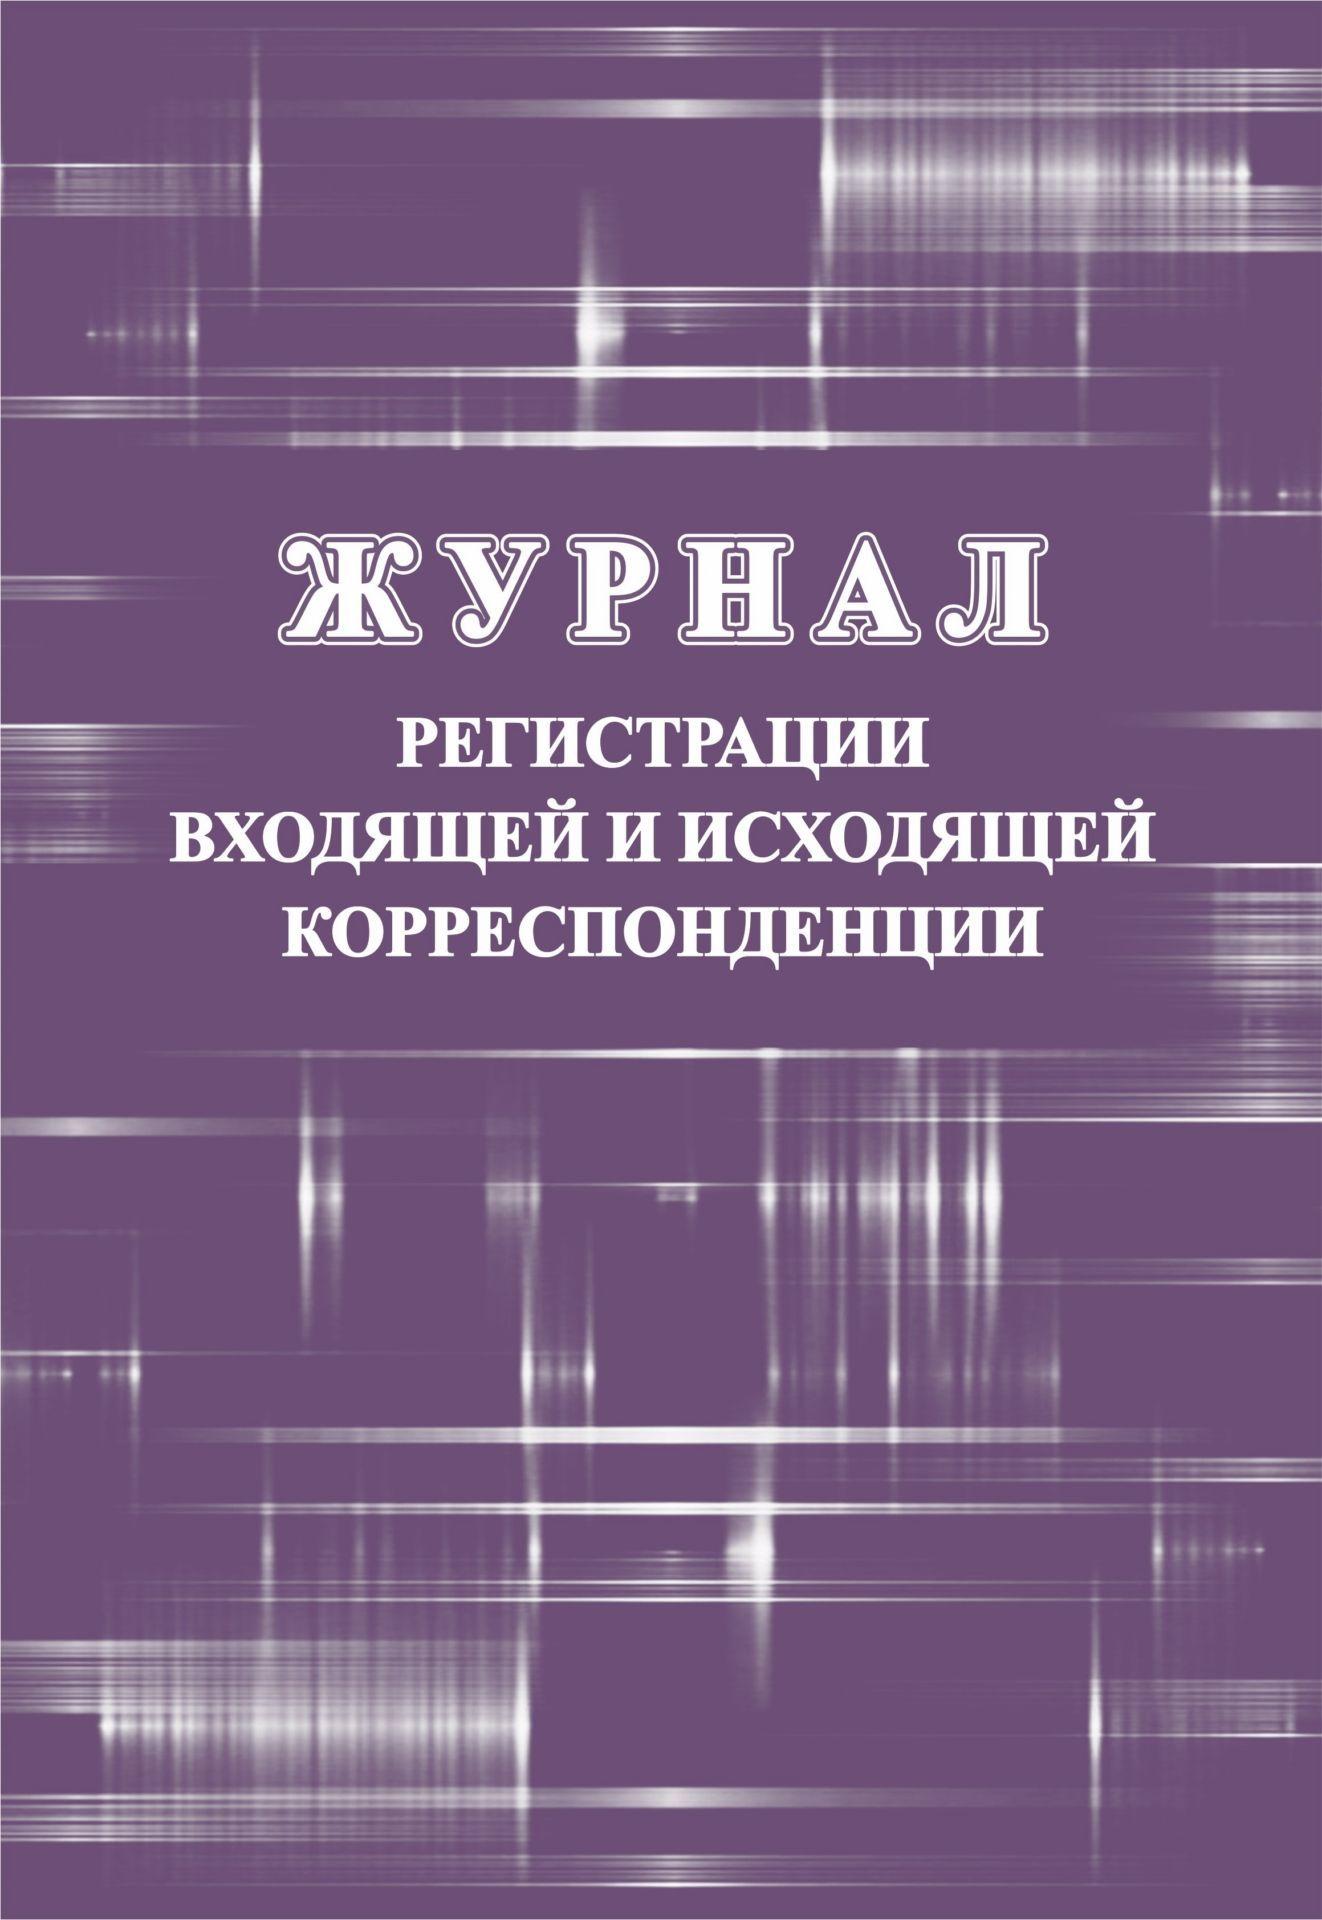 Журнал регистрации входящей и исходящей корреспонденции